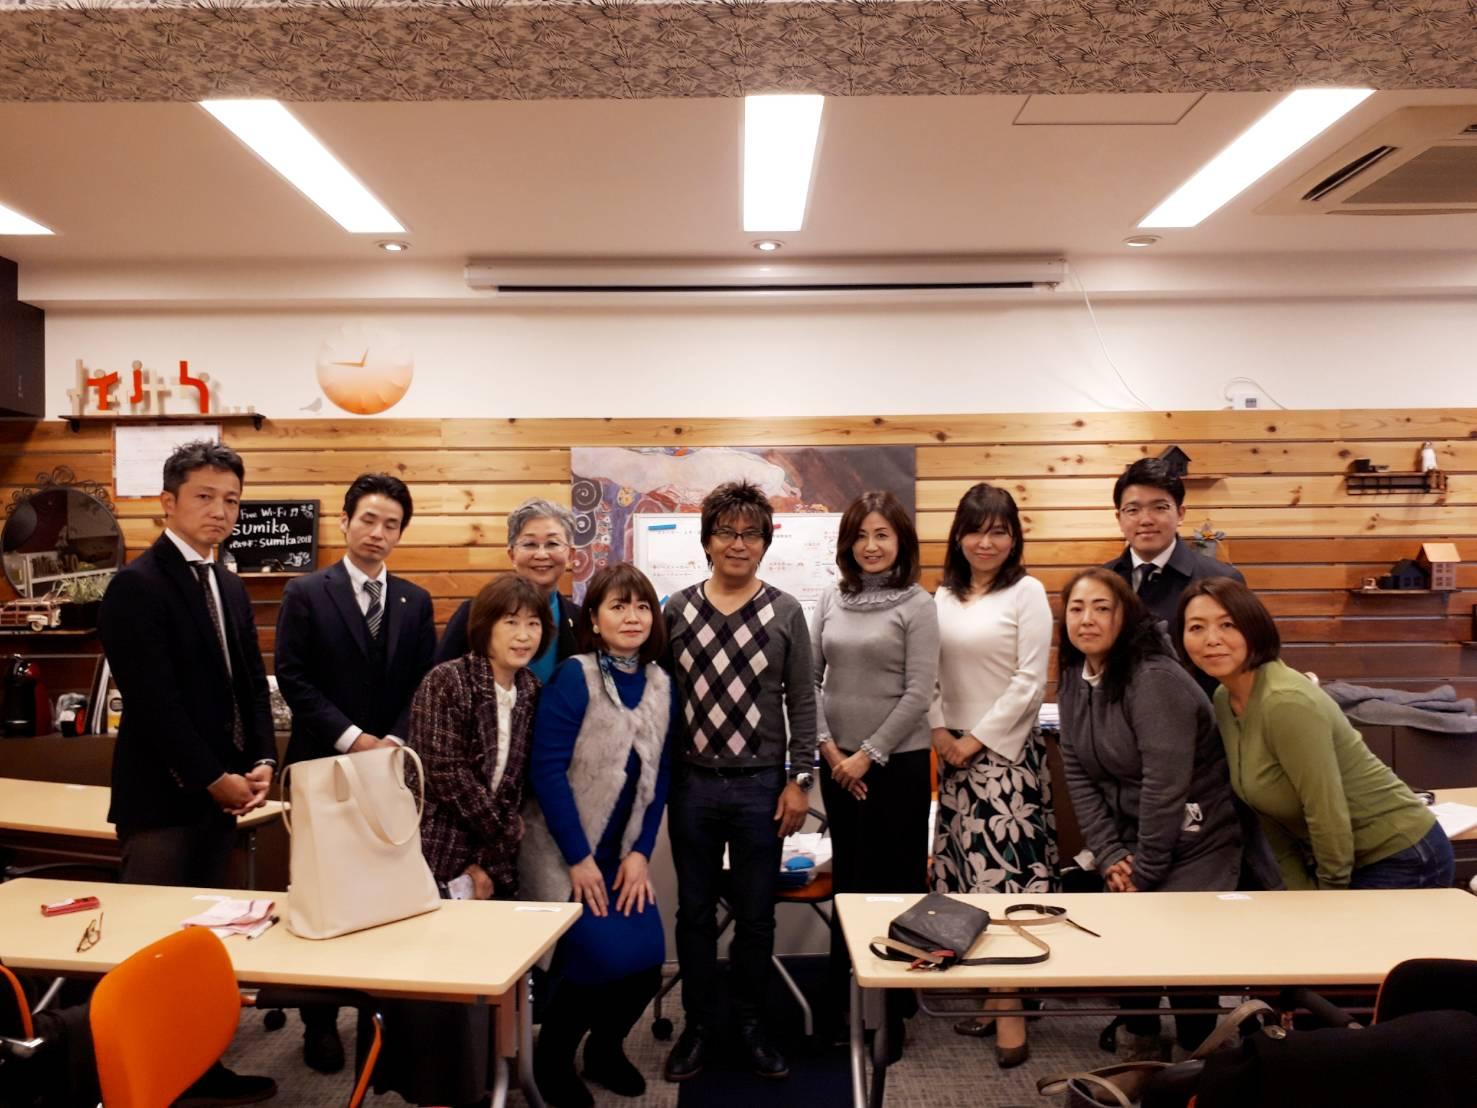 「ハートグラムカード💟」の考案者藤田先生とご一緒し、不動産業の方とコラボ。ご縁の輪が広がりたくさんの学びの日でした❗